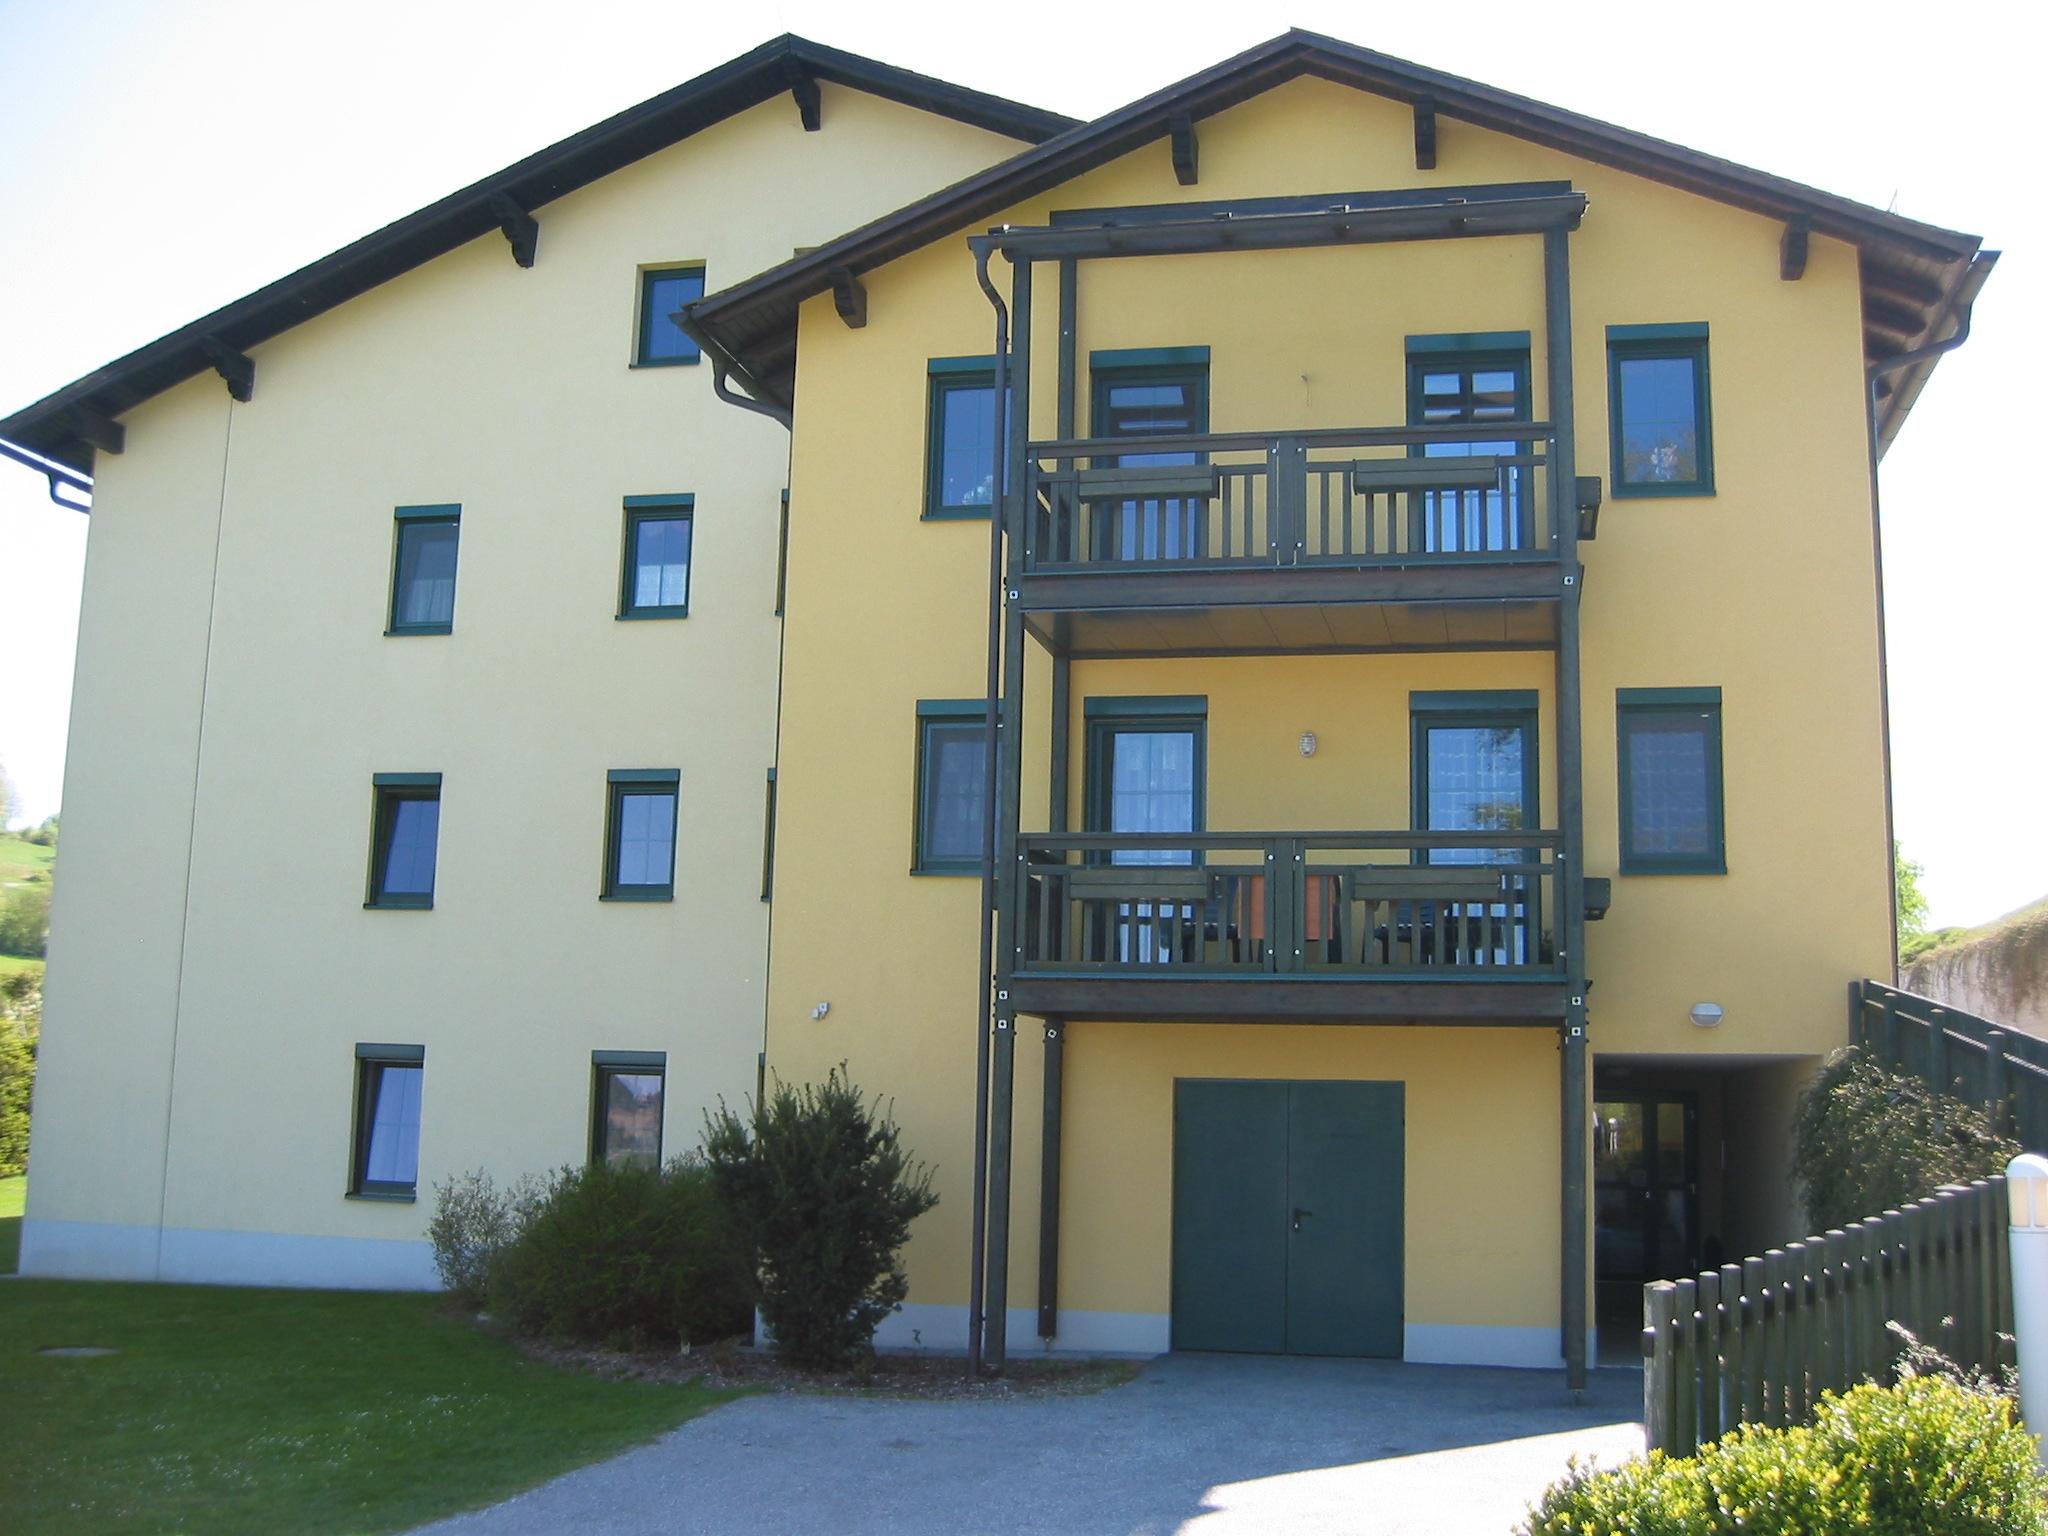 Immobilie von Kamptal in 3925 Arbesbach, Zwettl, Arbesbach I - Top 101 #0